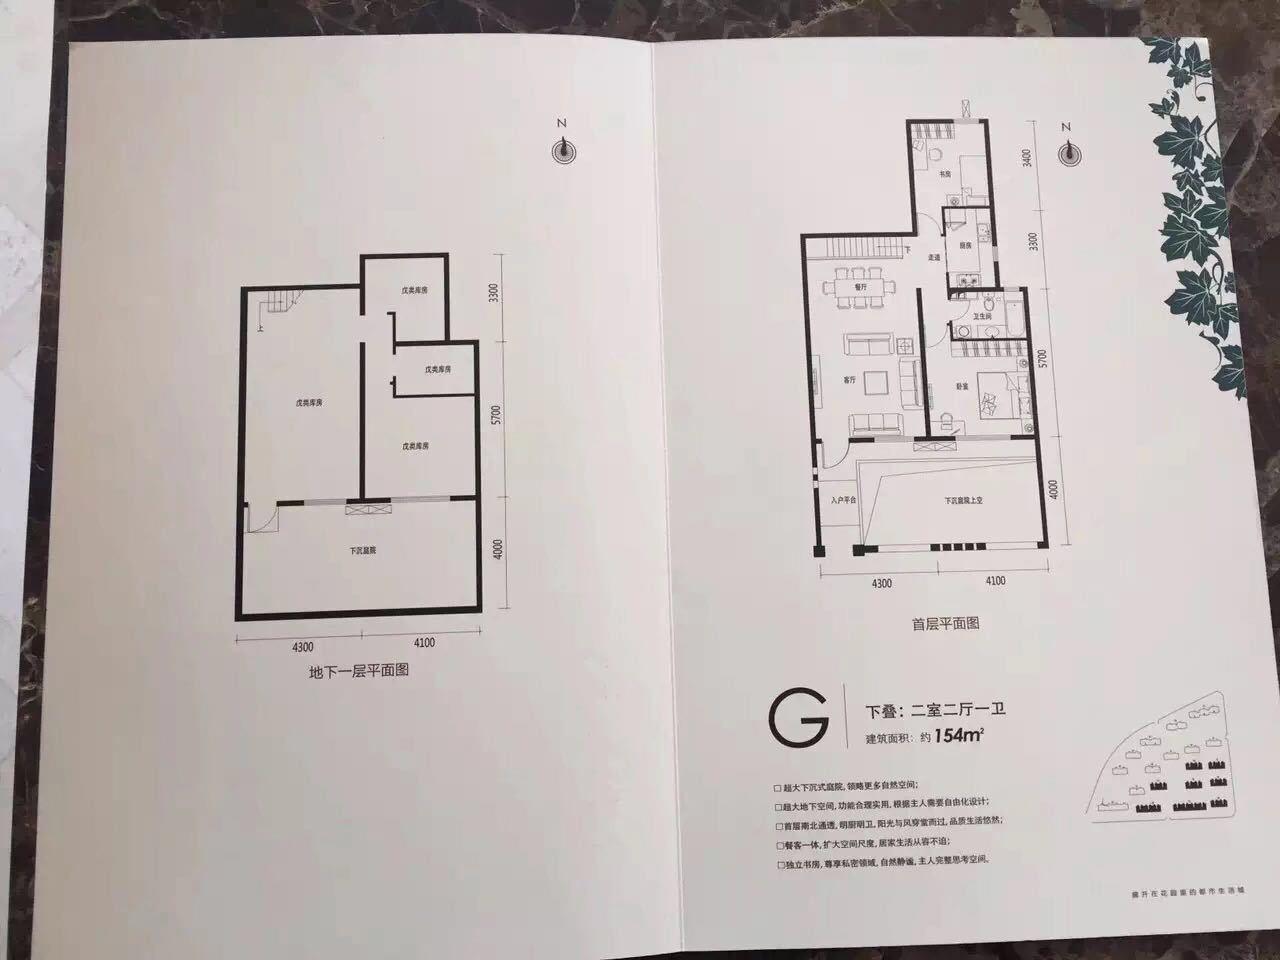 首开·缇香郡 G户型,两室两厅一卫